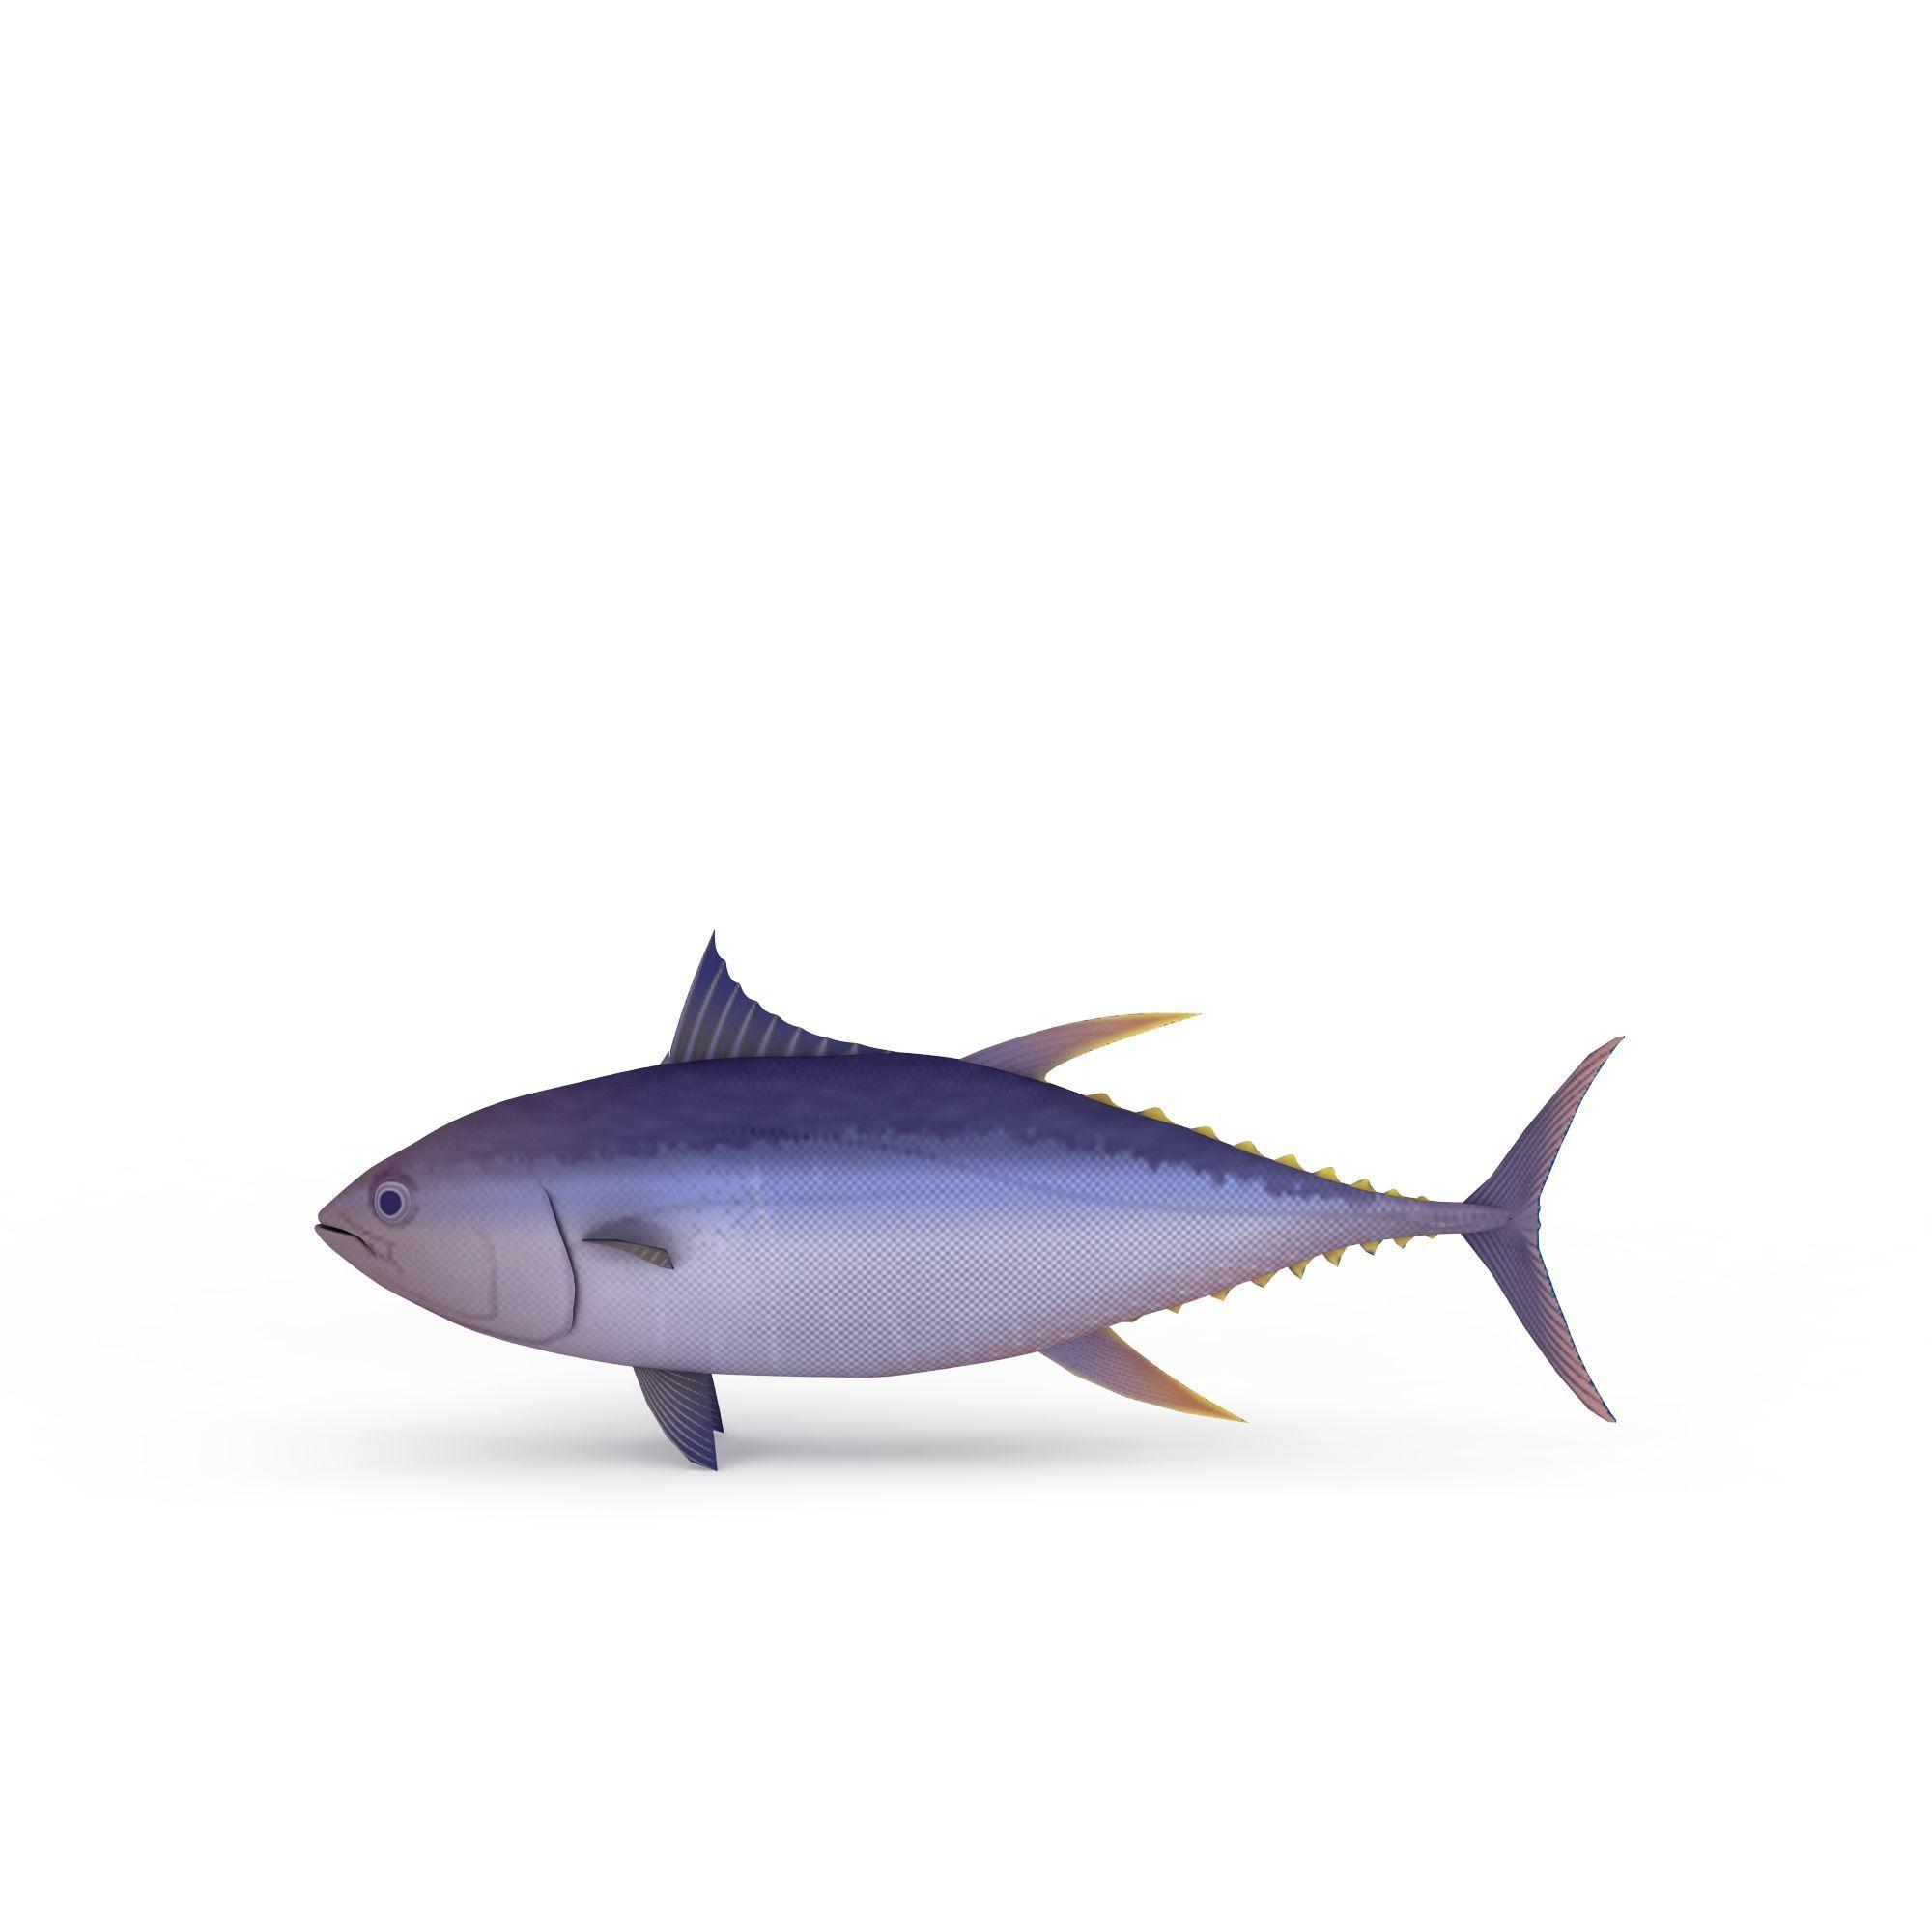 深水鱼图片_深水鱼png图片素材_深水鱼png高清图下载